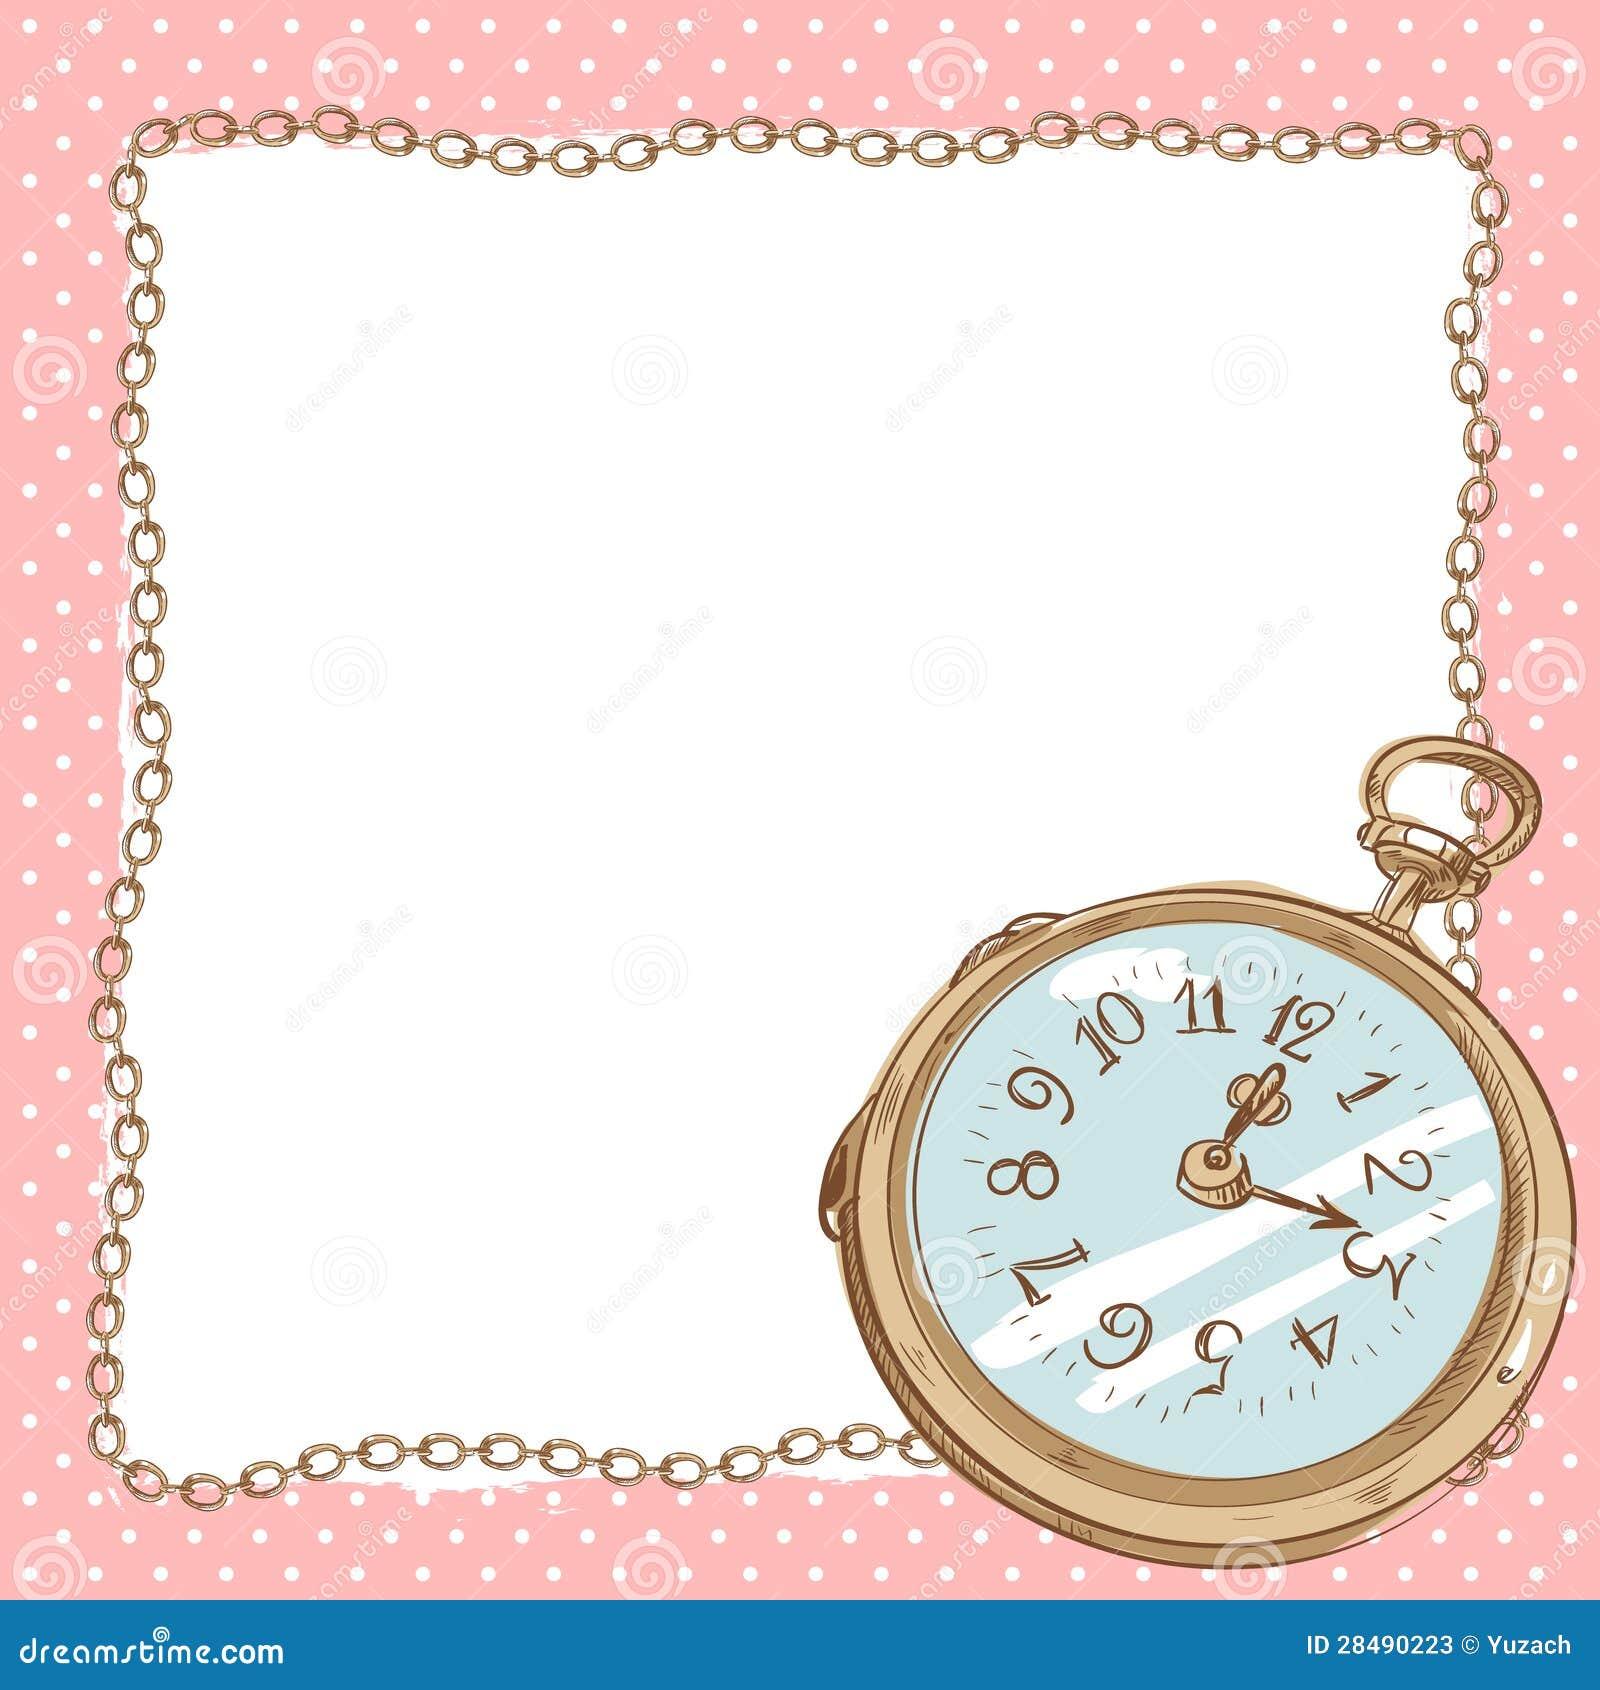 92b0ed28b1a Cartão romântico bonito com o relógio de bolso antigo com beira da corrente  do vintage com espaço vazio para o texto em um fundo do às bolinhas